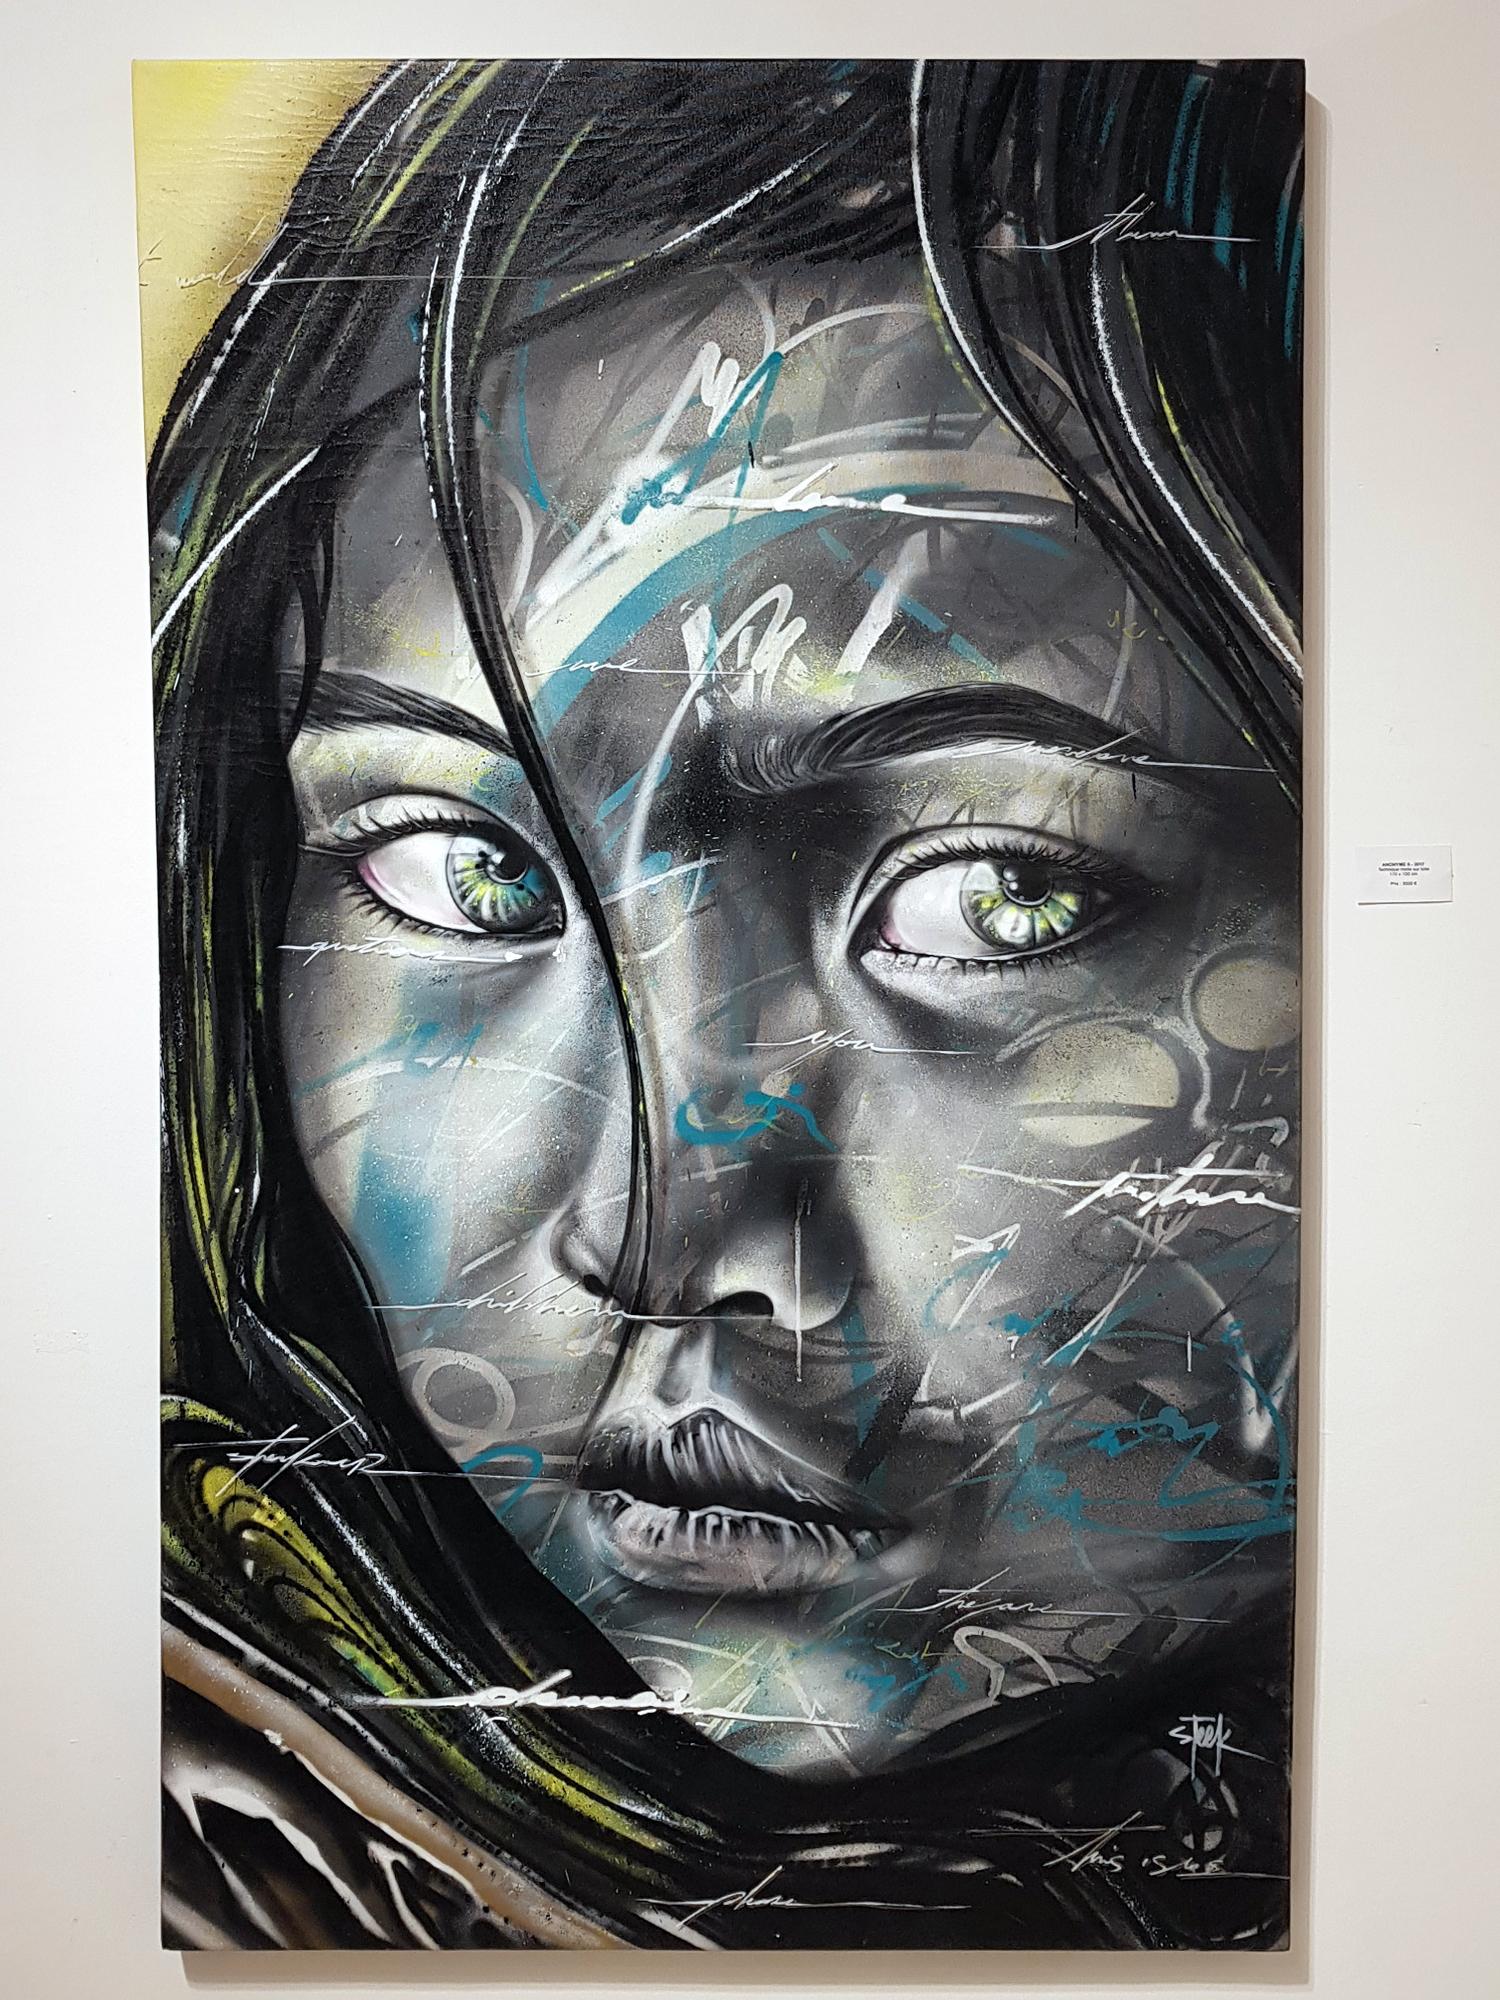 STEEK - LUCIE 185x96cm 2017